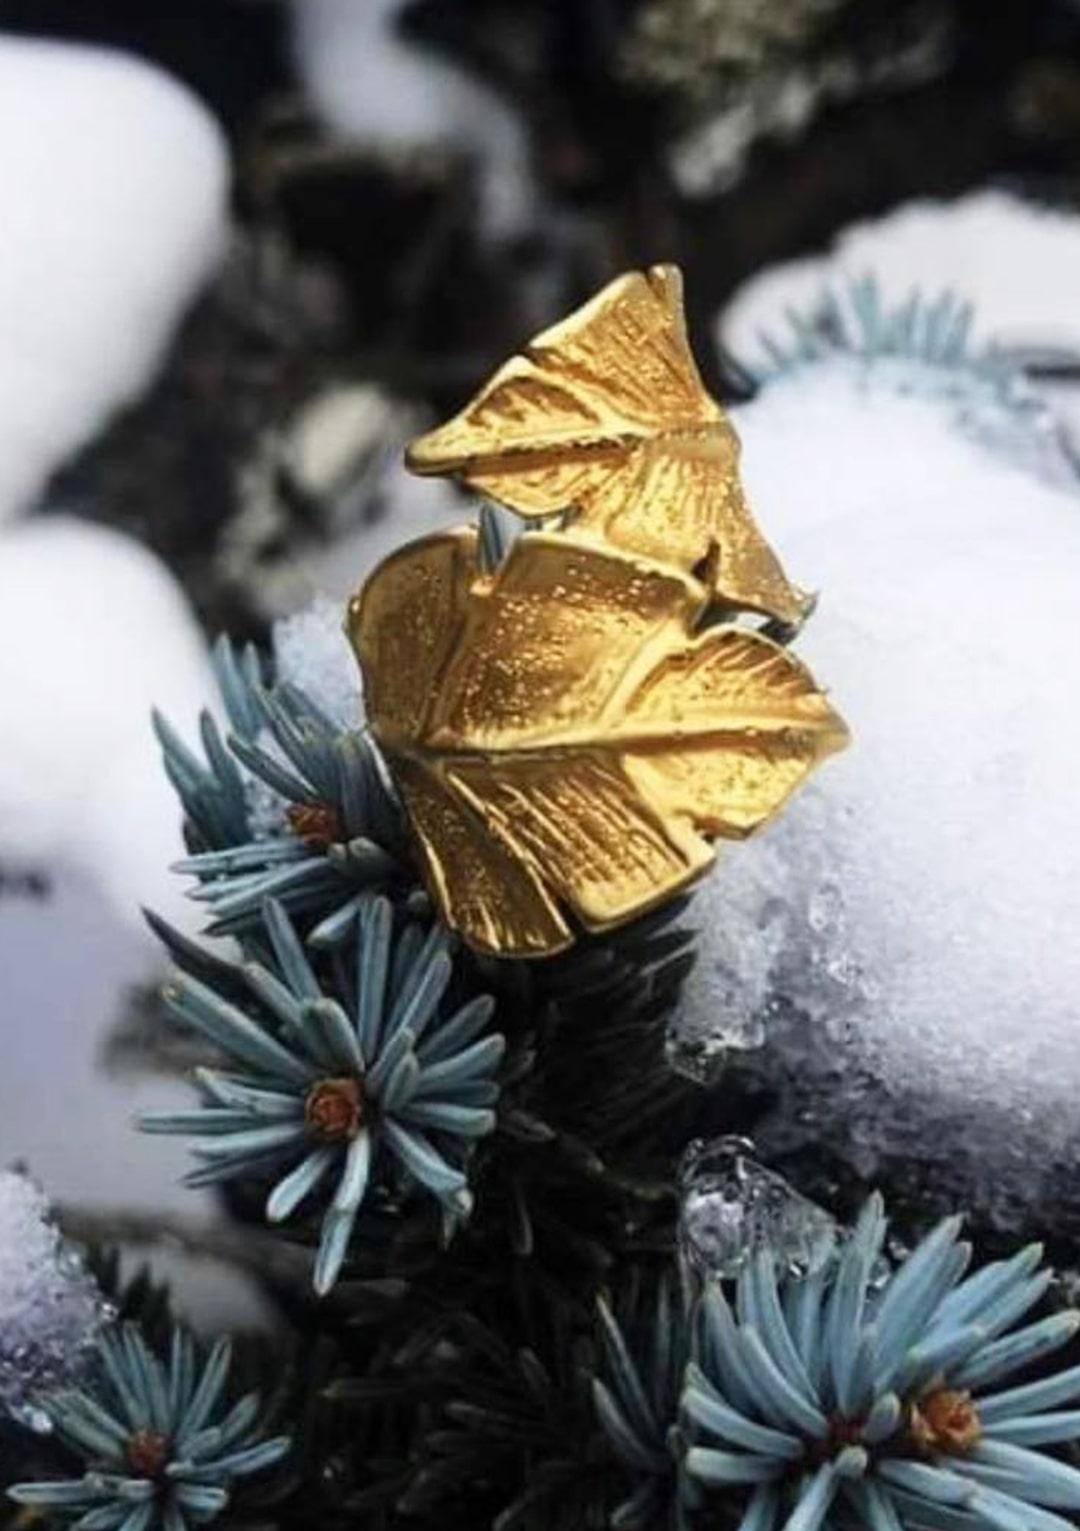 bague Eternelle I argent massif doré or 18 caratsI Elliade I vue en détail I Label AÉ Paris